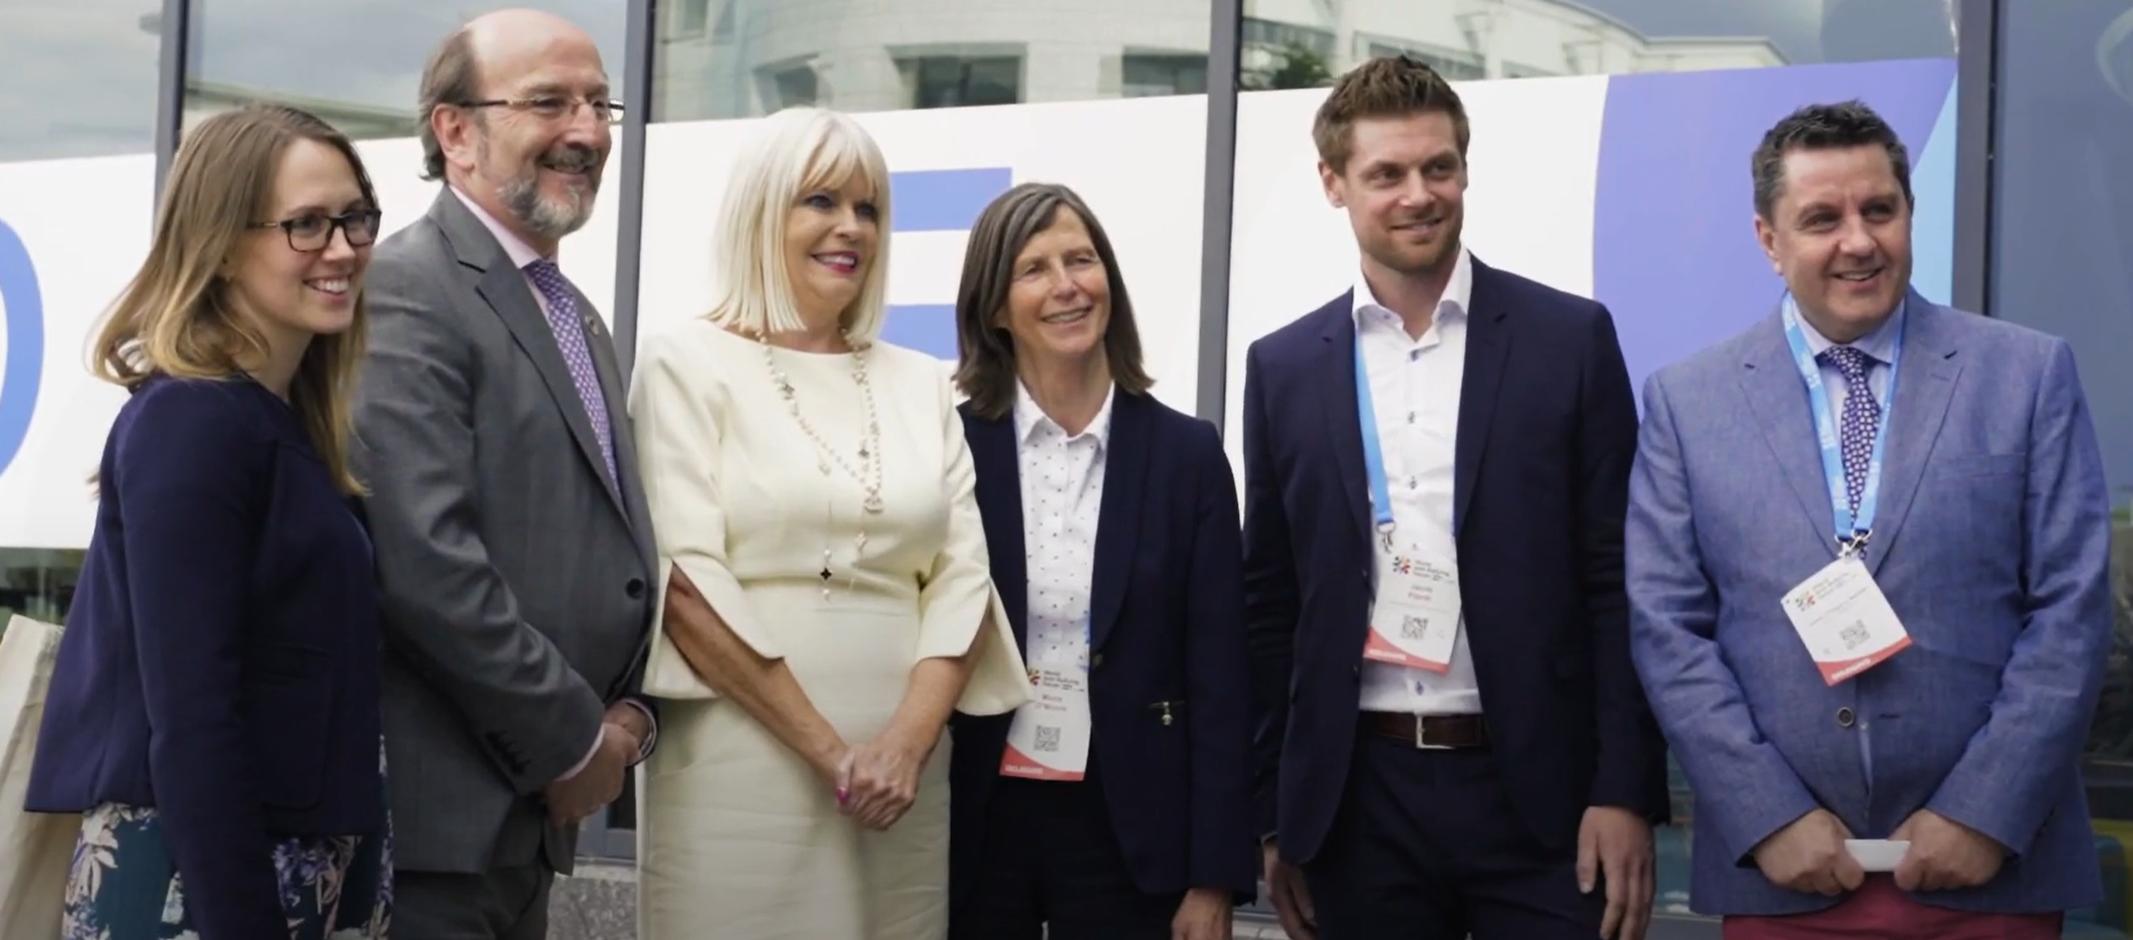 Keynote speakers interviews WABF 2019